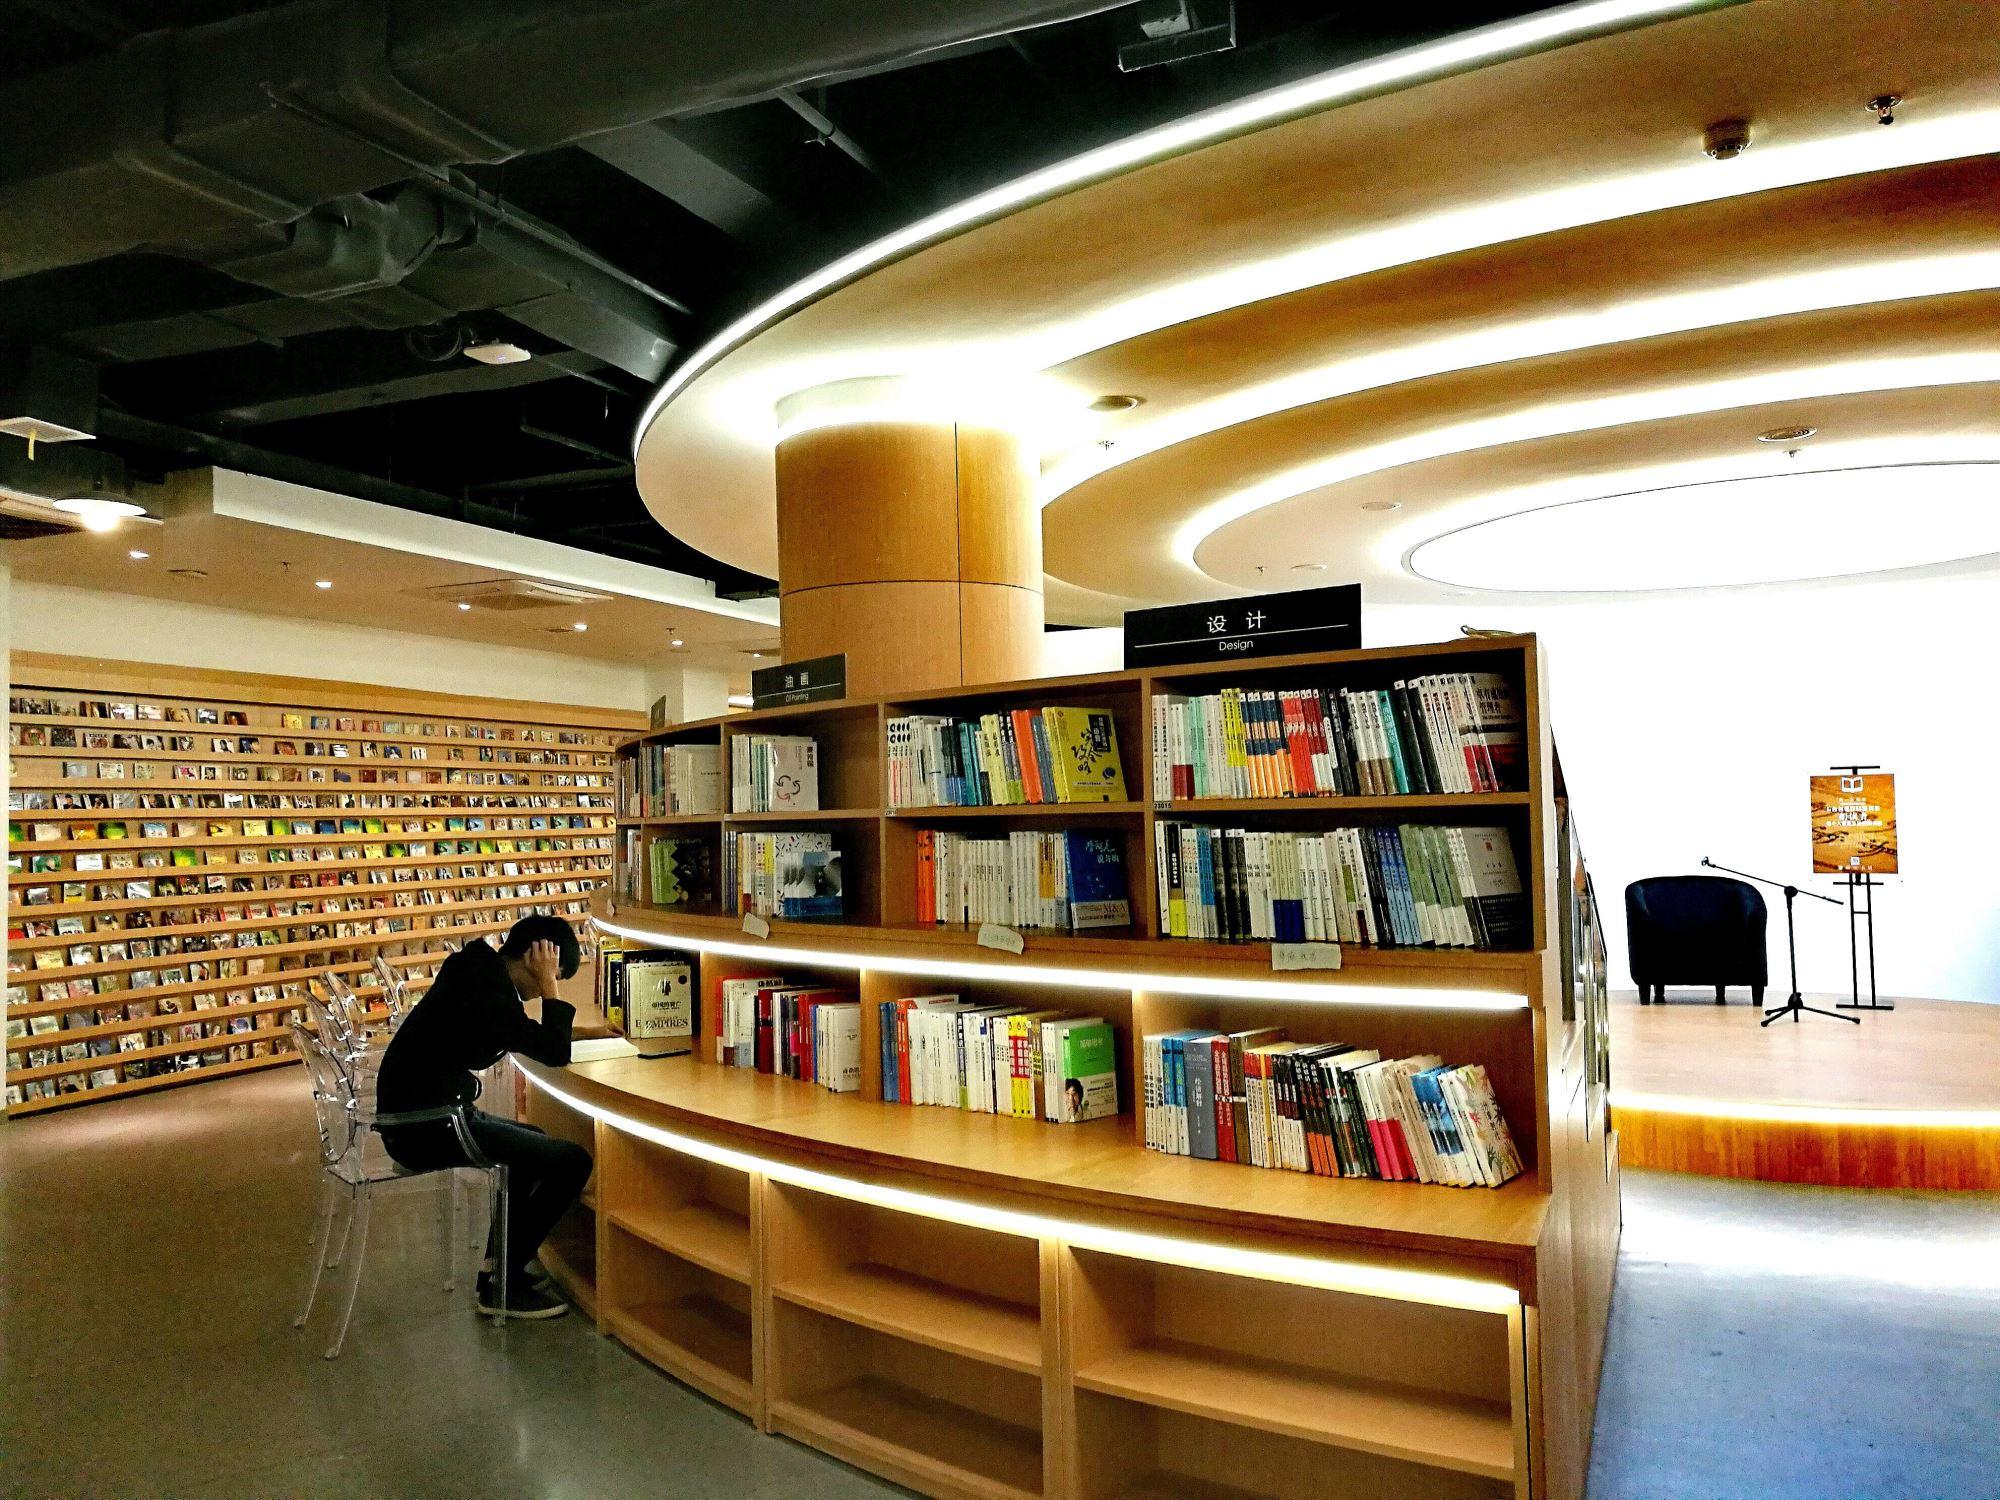 等客来变引客来 福建新华书店做对了什么?